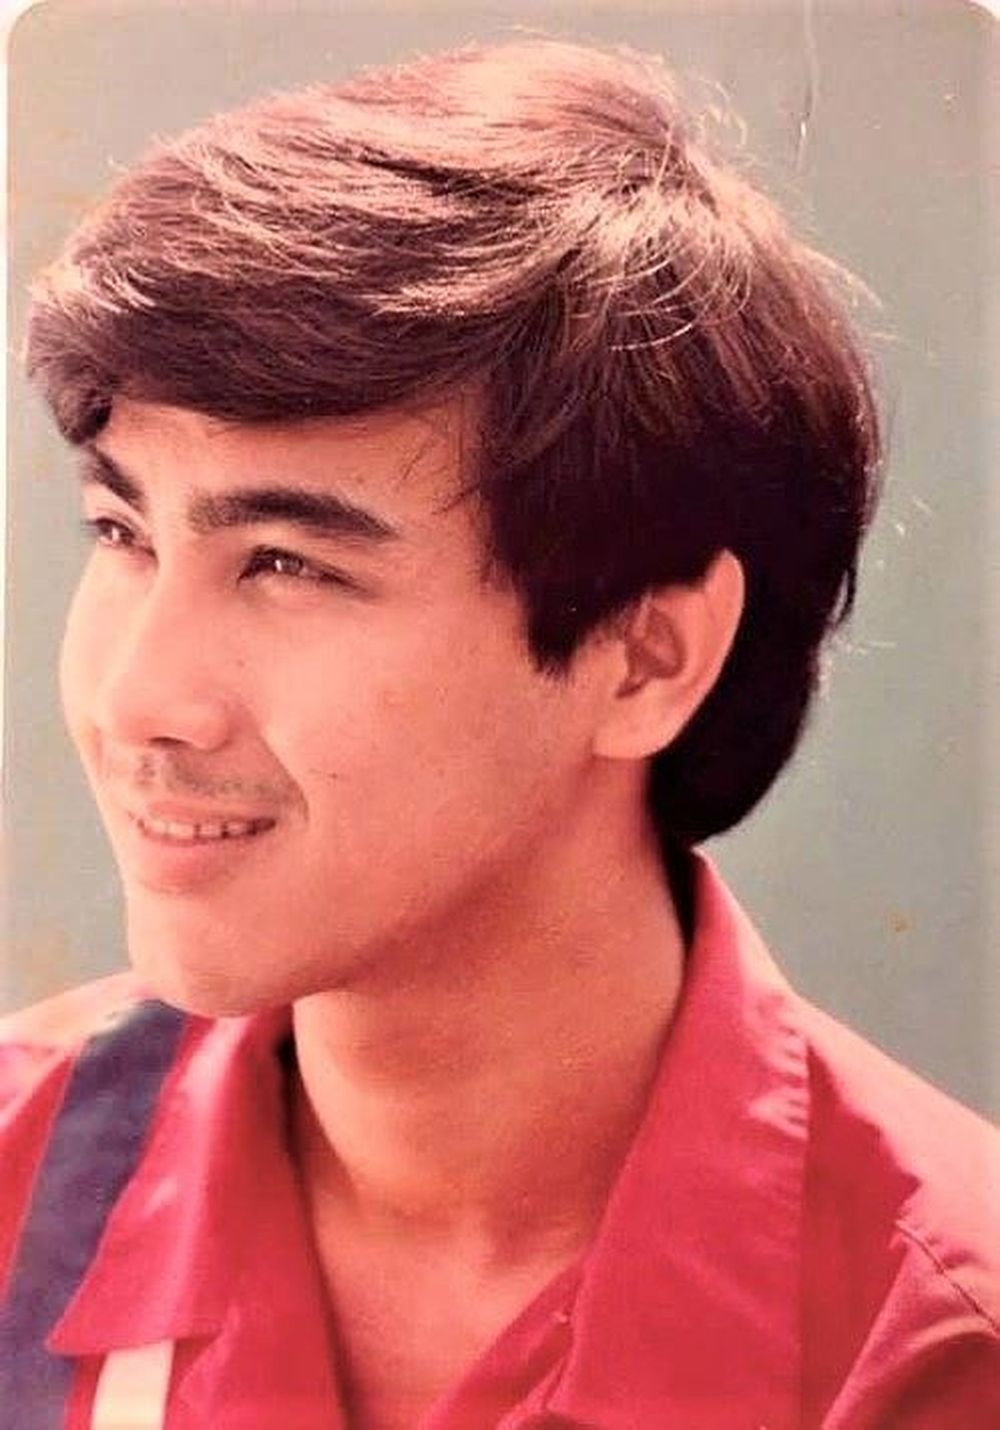 Có thể thấy thời trai trẻ, Quyền Linh sở hữu vẻ đẹp lãng tử, điển trai không kém bất kì một mỹ nam showbiz nào hiện nay.